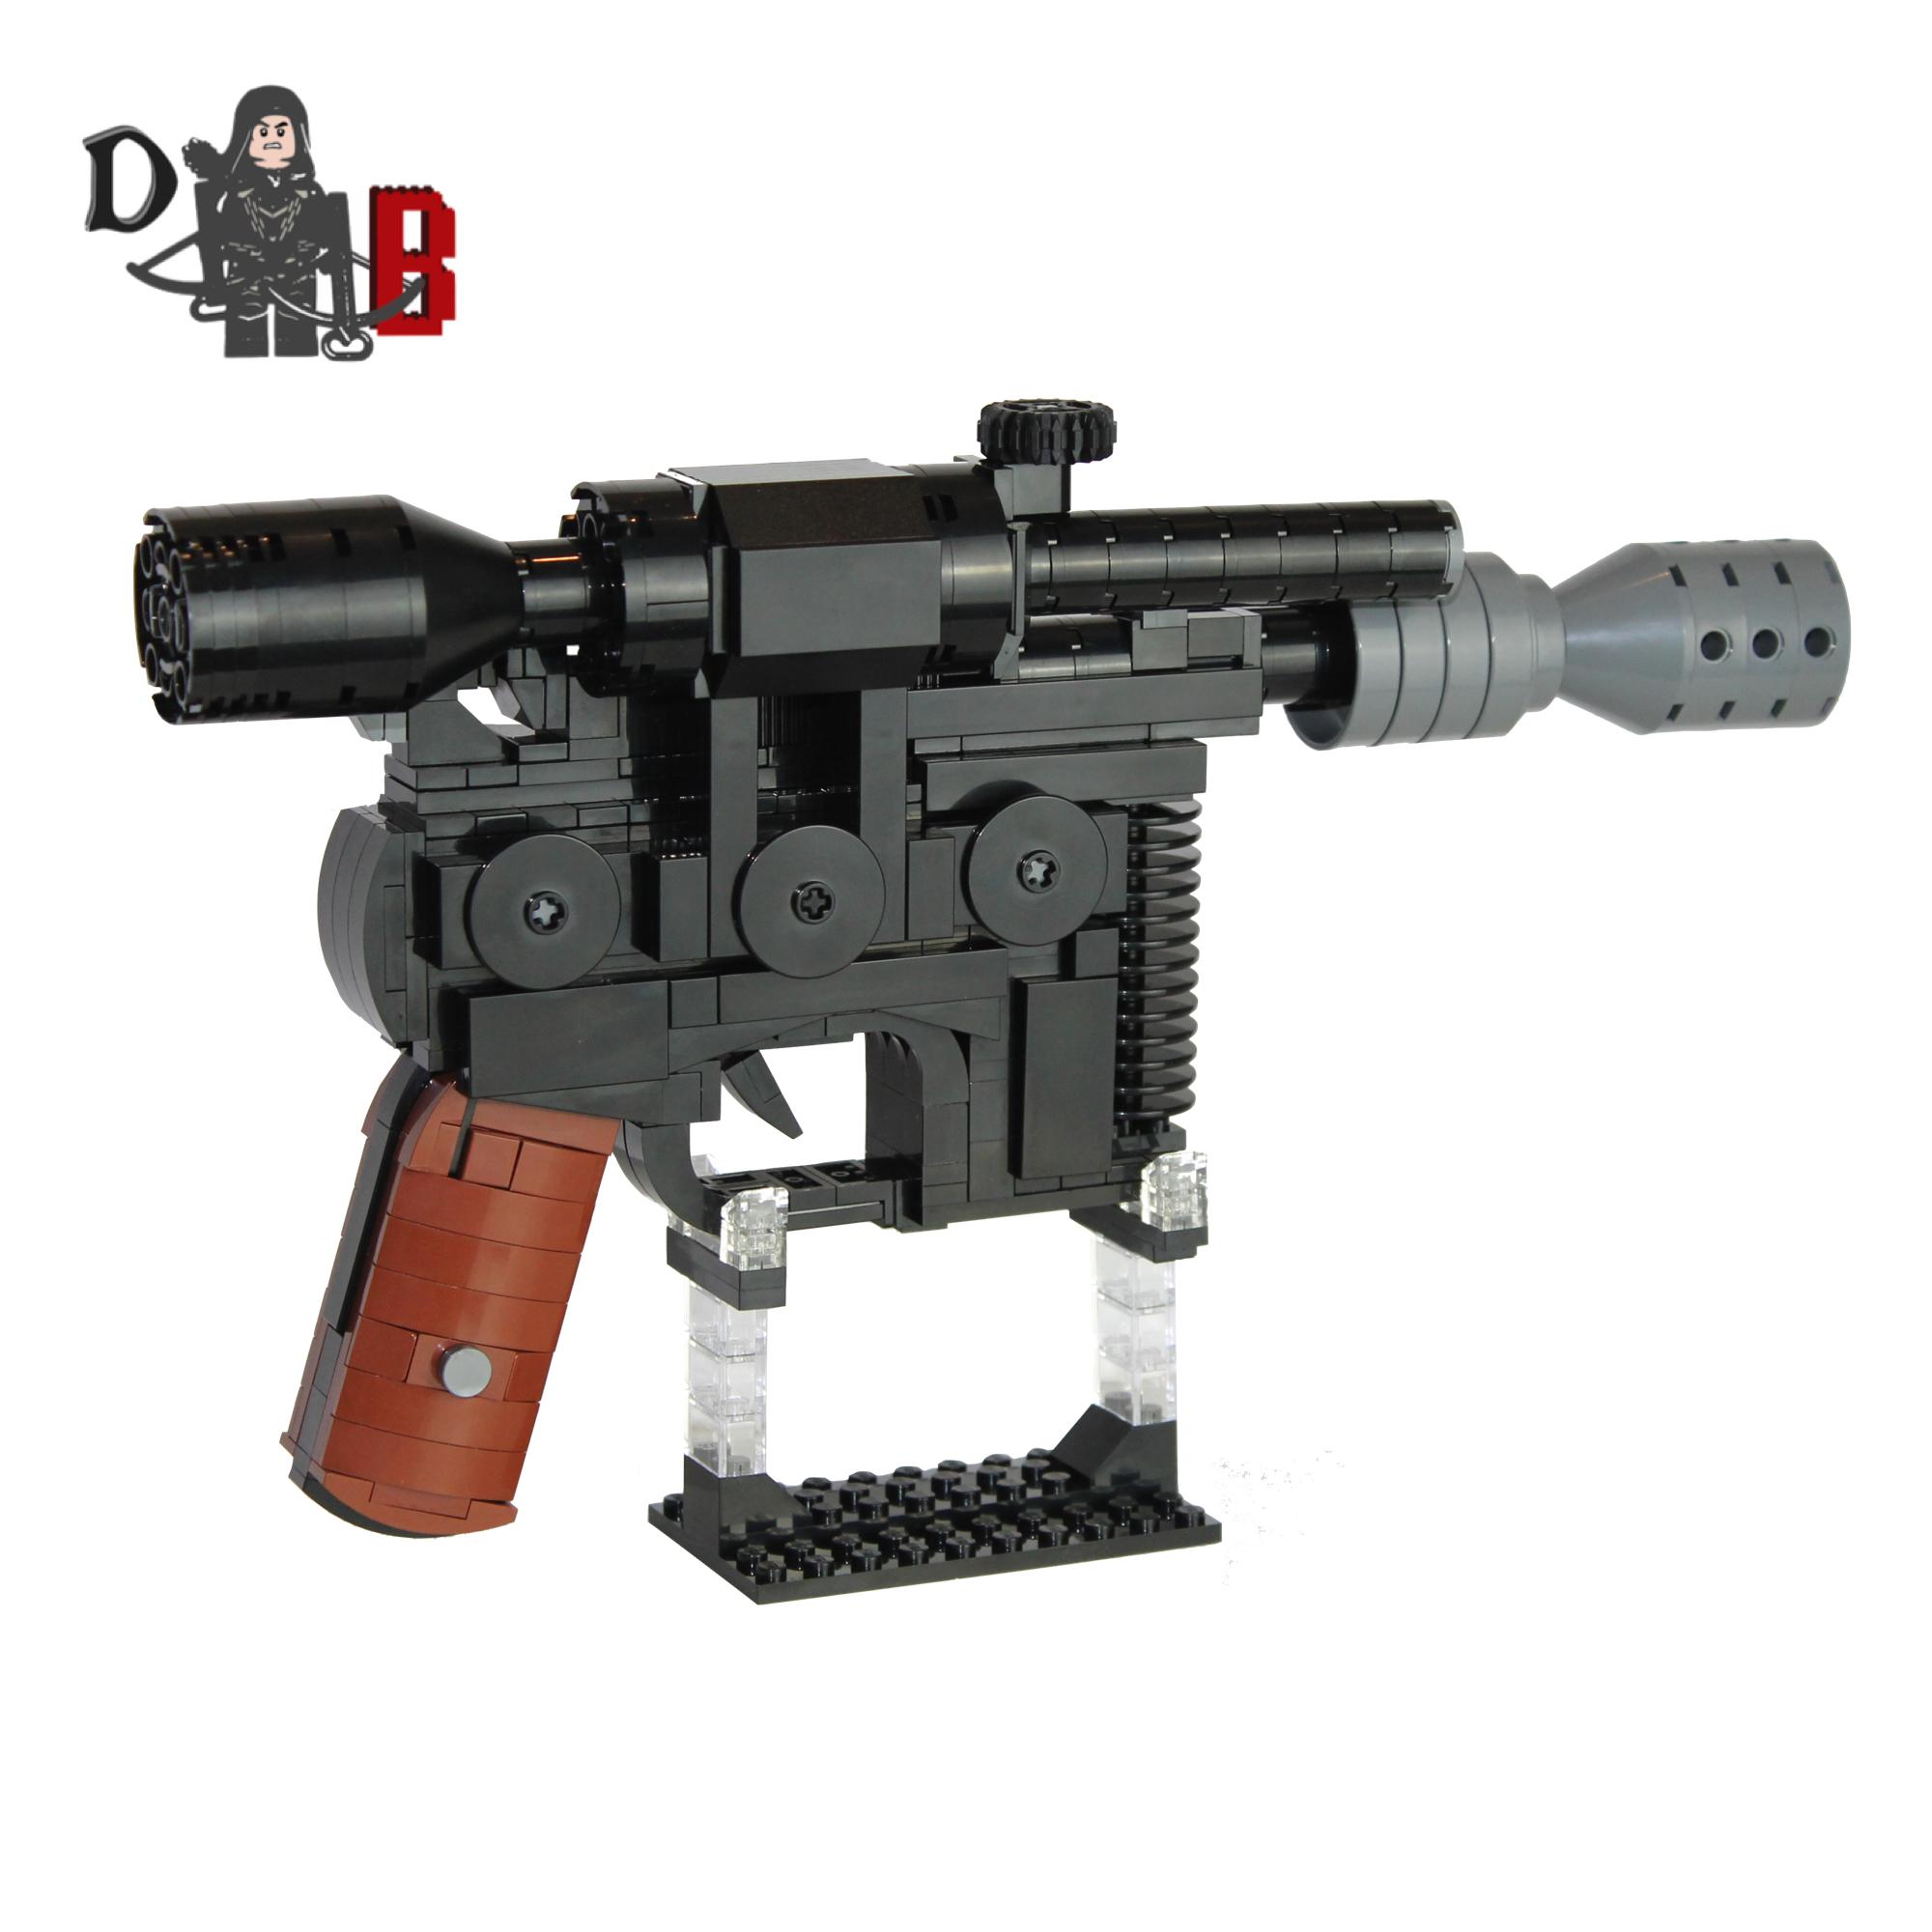 Han Solos Dl 44 Heavy Blaster Pistol Demonhunter Bricks